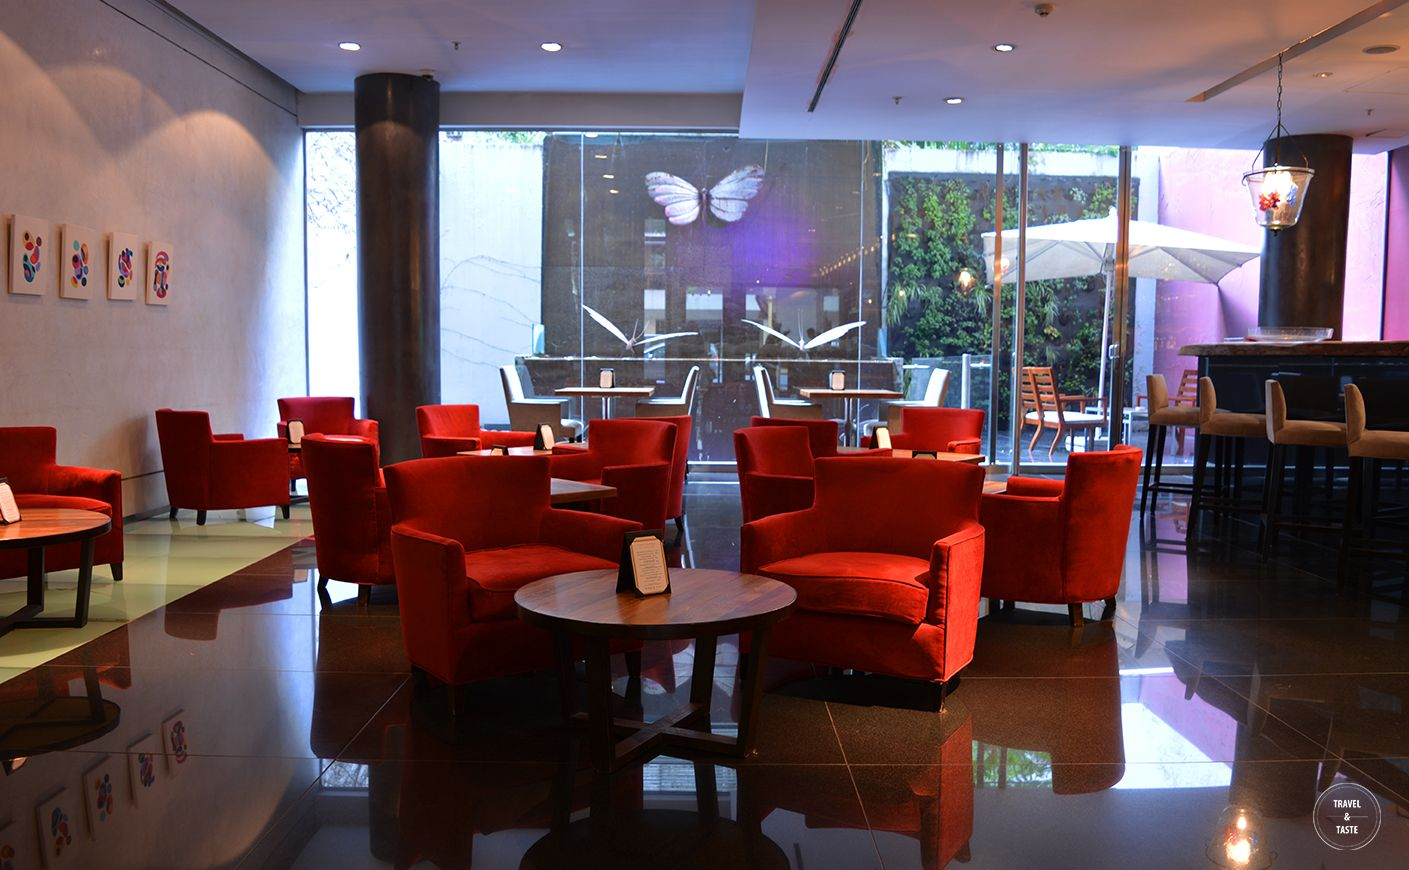 MIO Buenos Aires Hotel, Recoleta, Ciudad de Buenos Aires, Argentina | Ago 2016